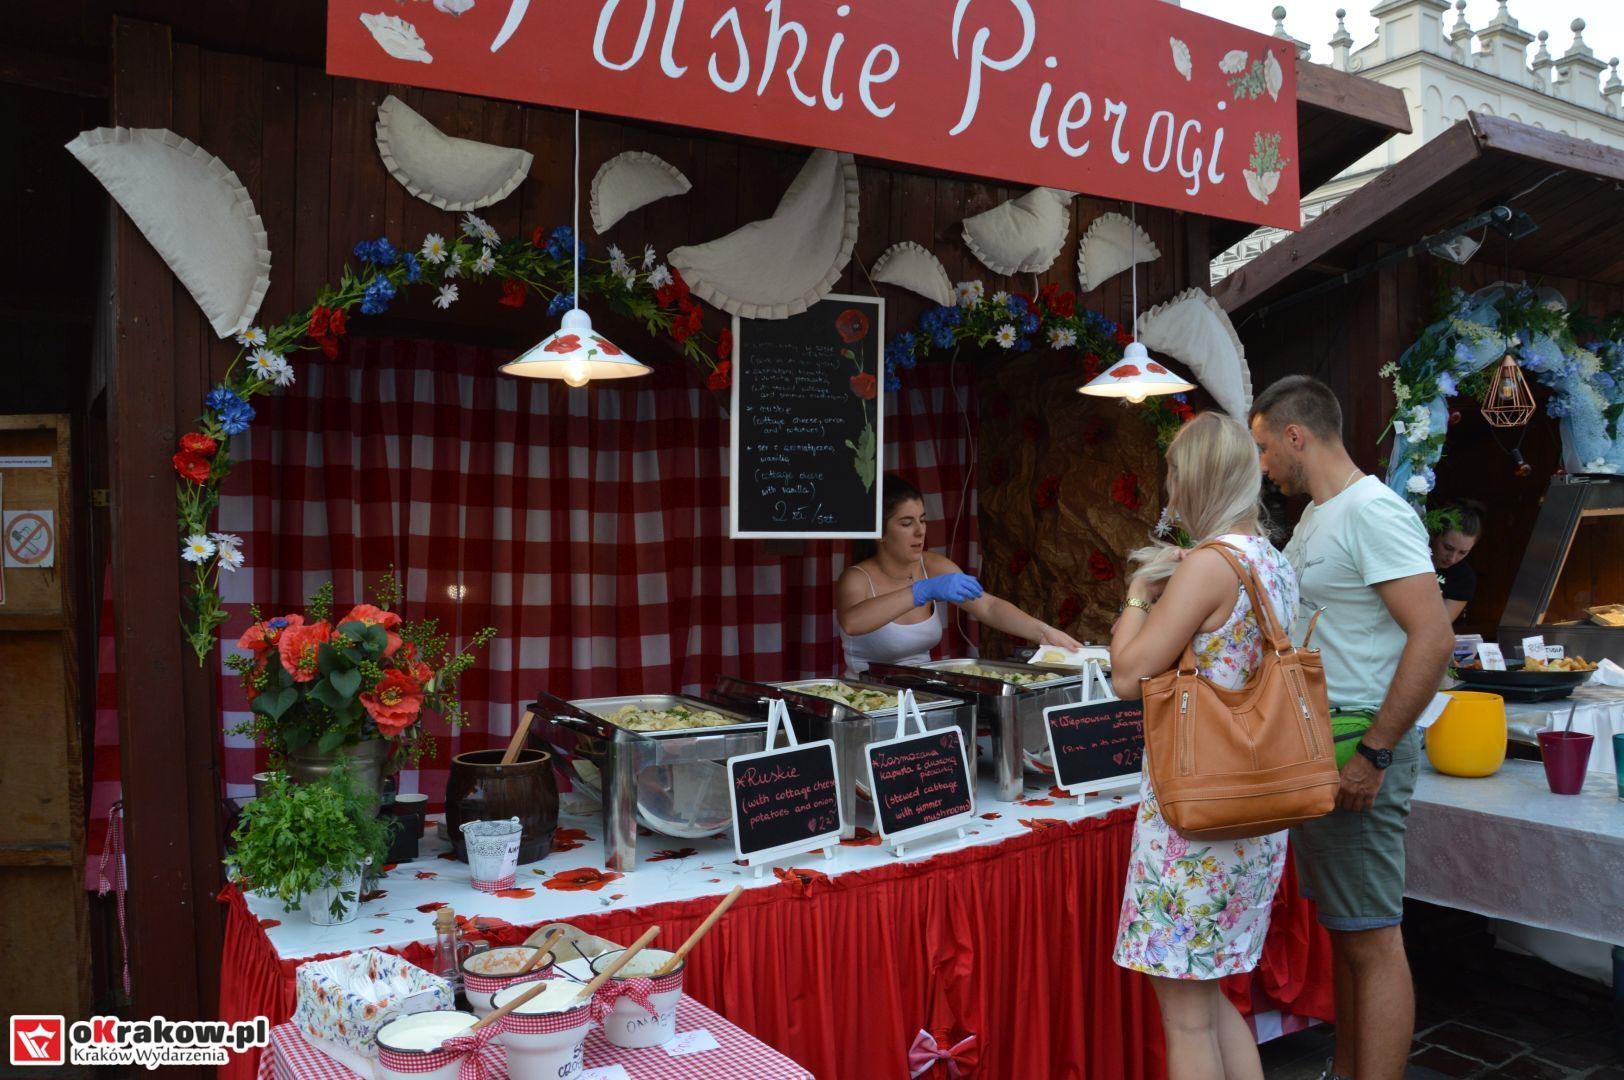 krakow festiwal pierogow maly rynek koncert cheap tobacco 32 150x150 - Galeria zdjęć Festiwal Pierogów Kraków 2018 + zdjęcia z koncertu Cheap Tobacco